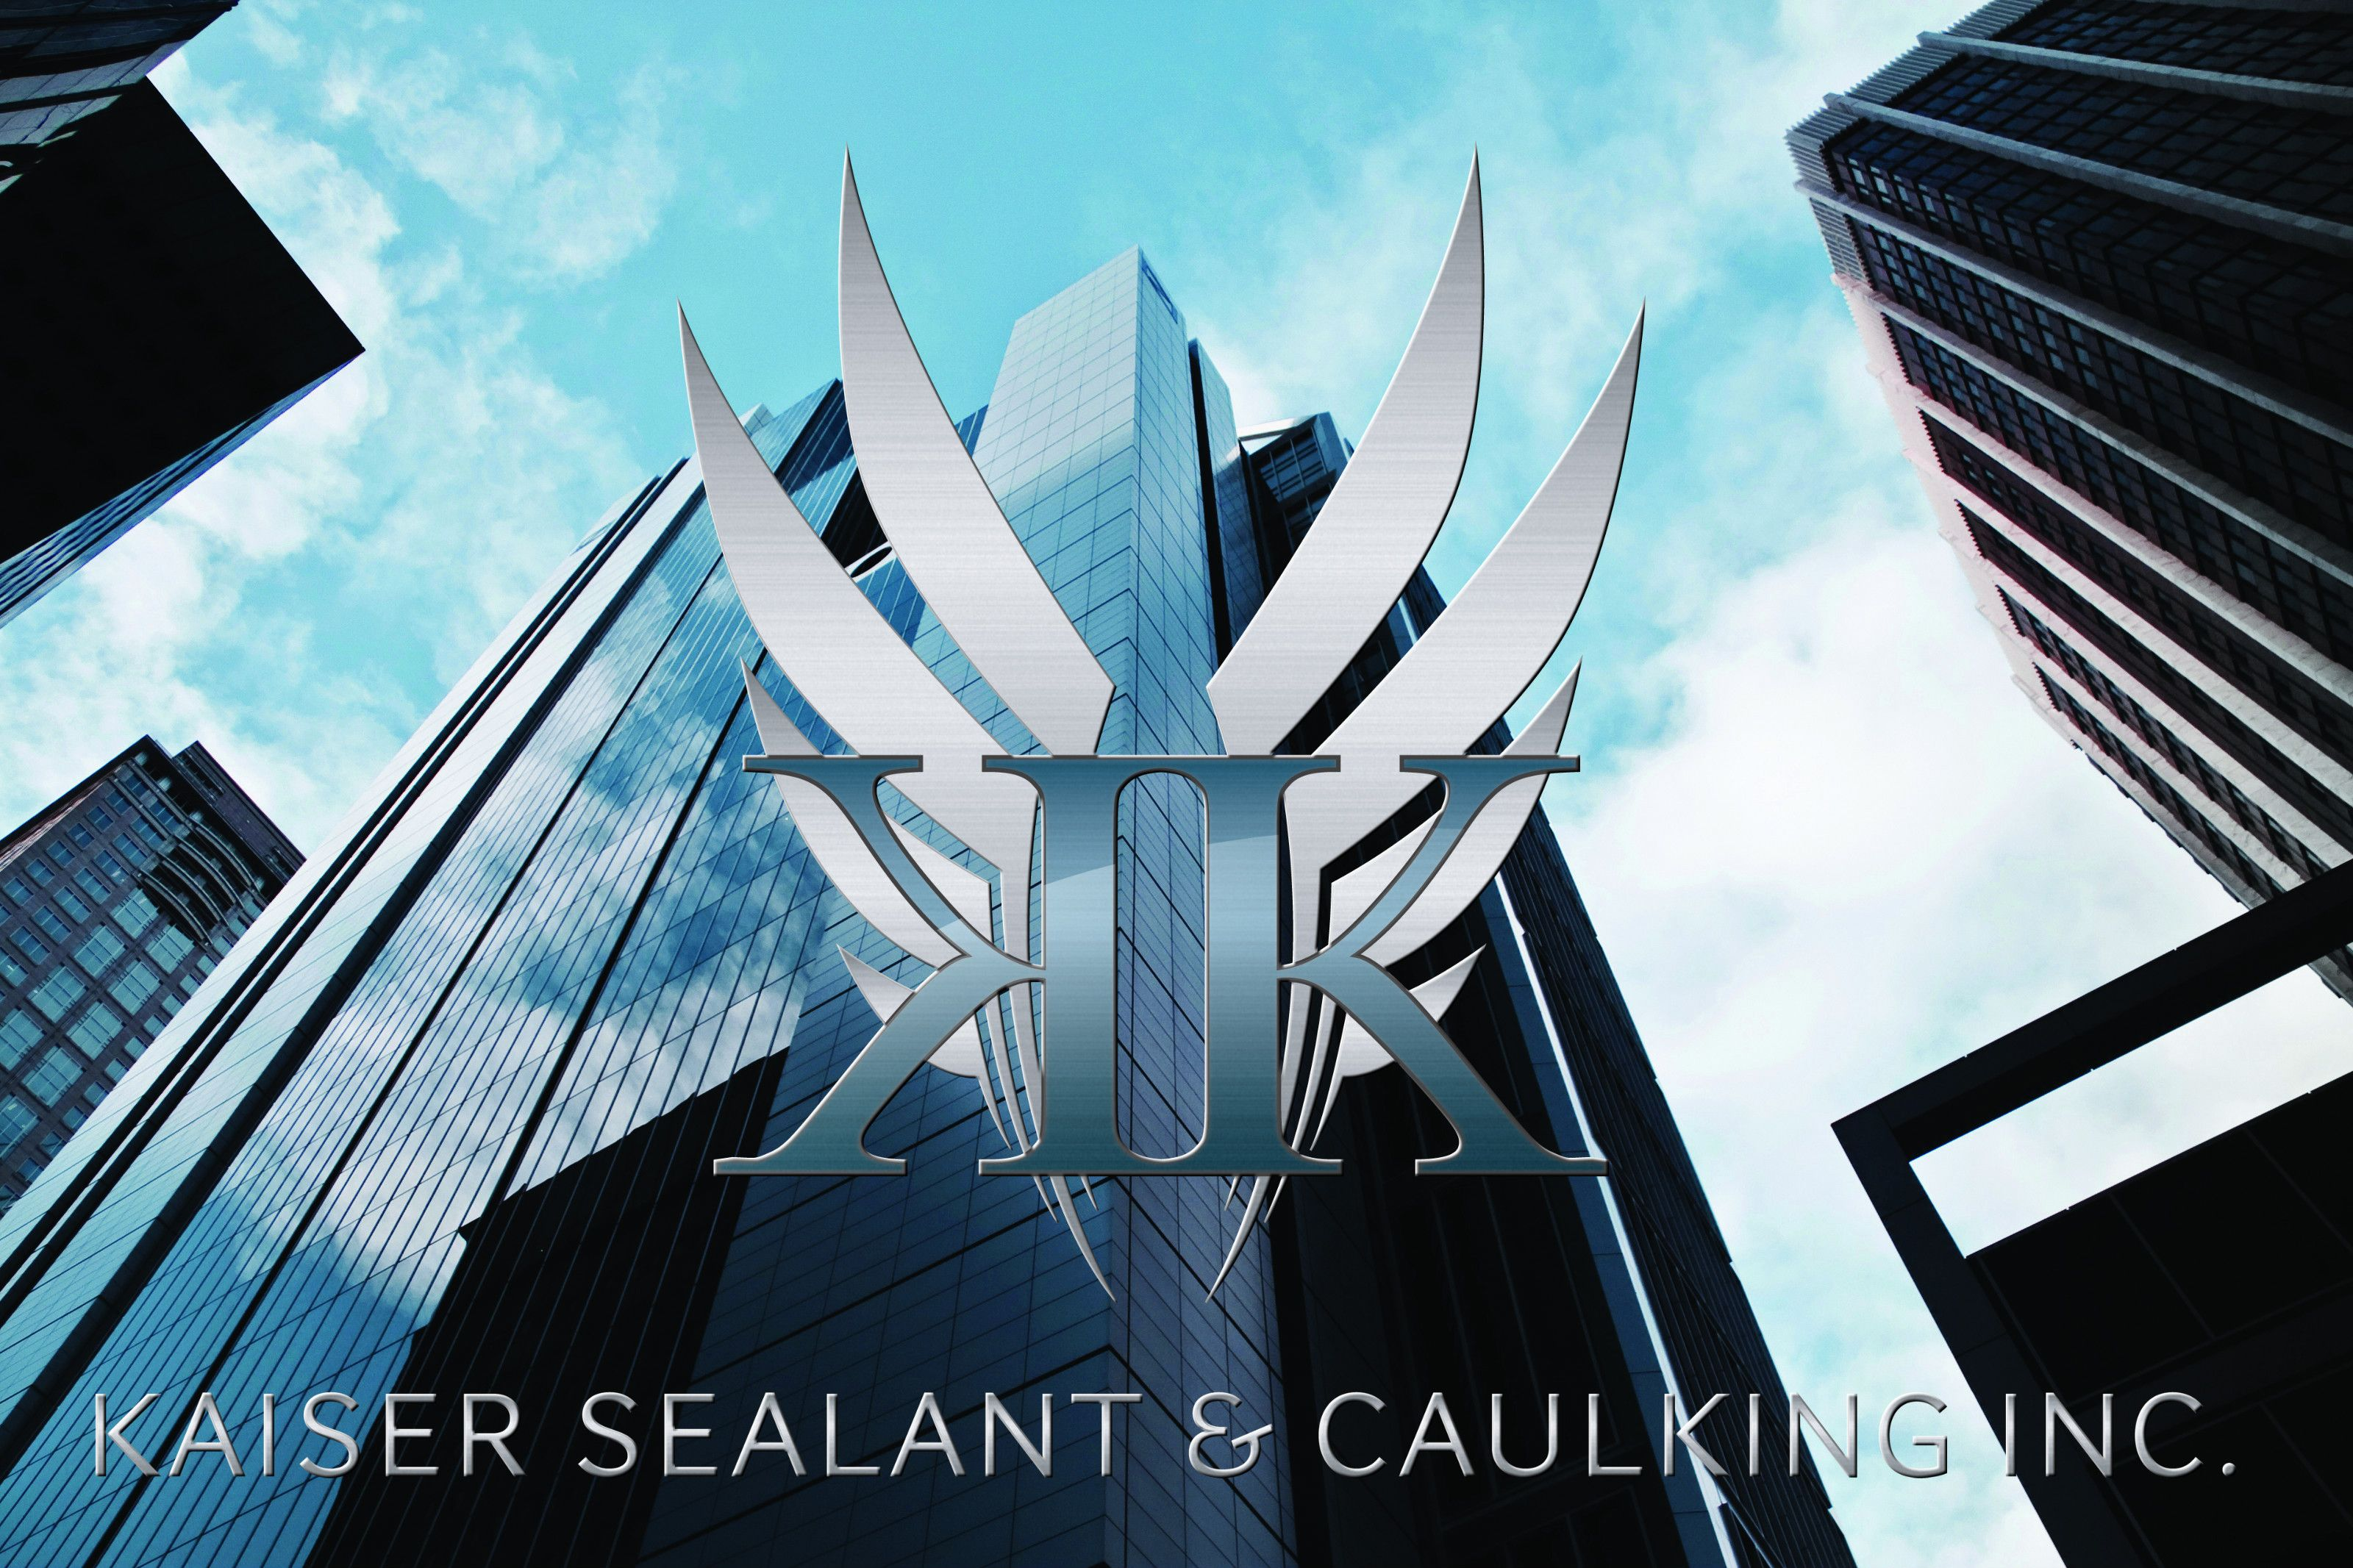 Kaiser Sealant & Caulking Inc